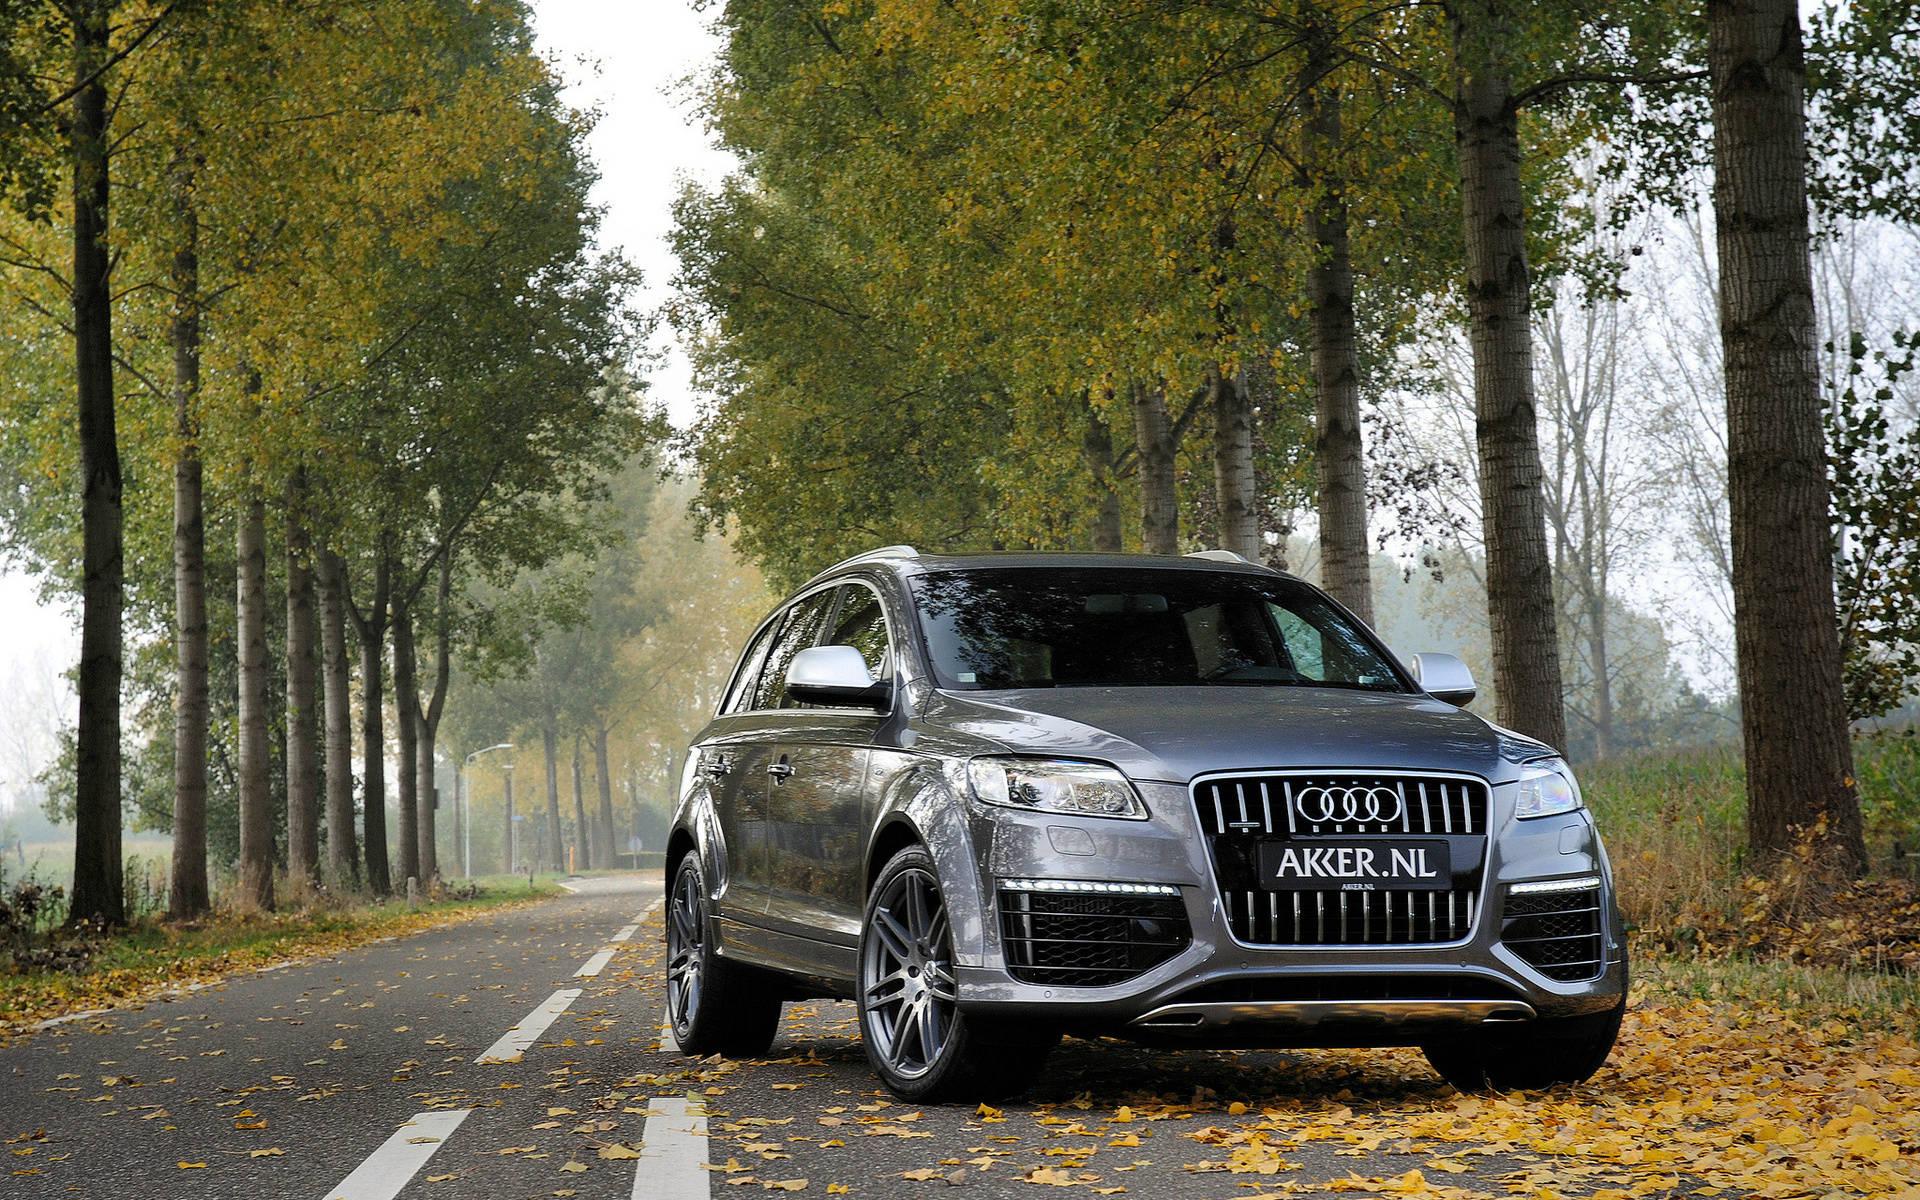 Audi Q7 wallpaper desktop